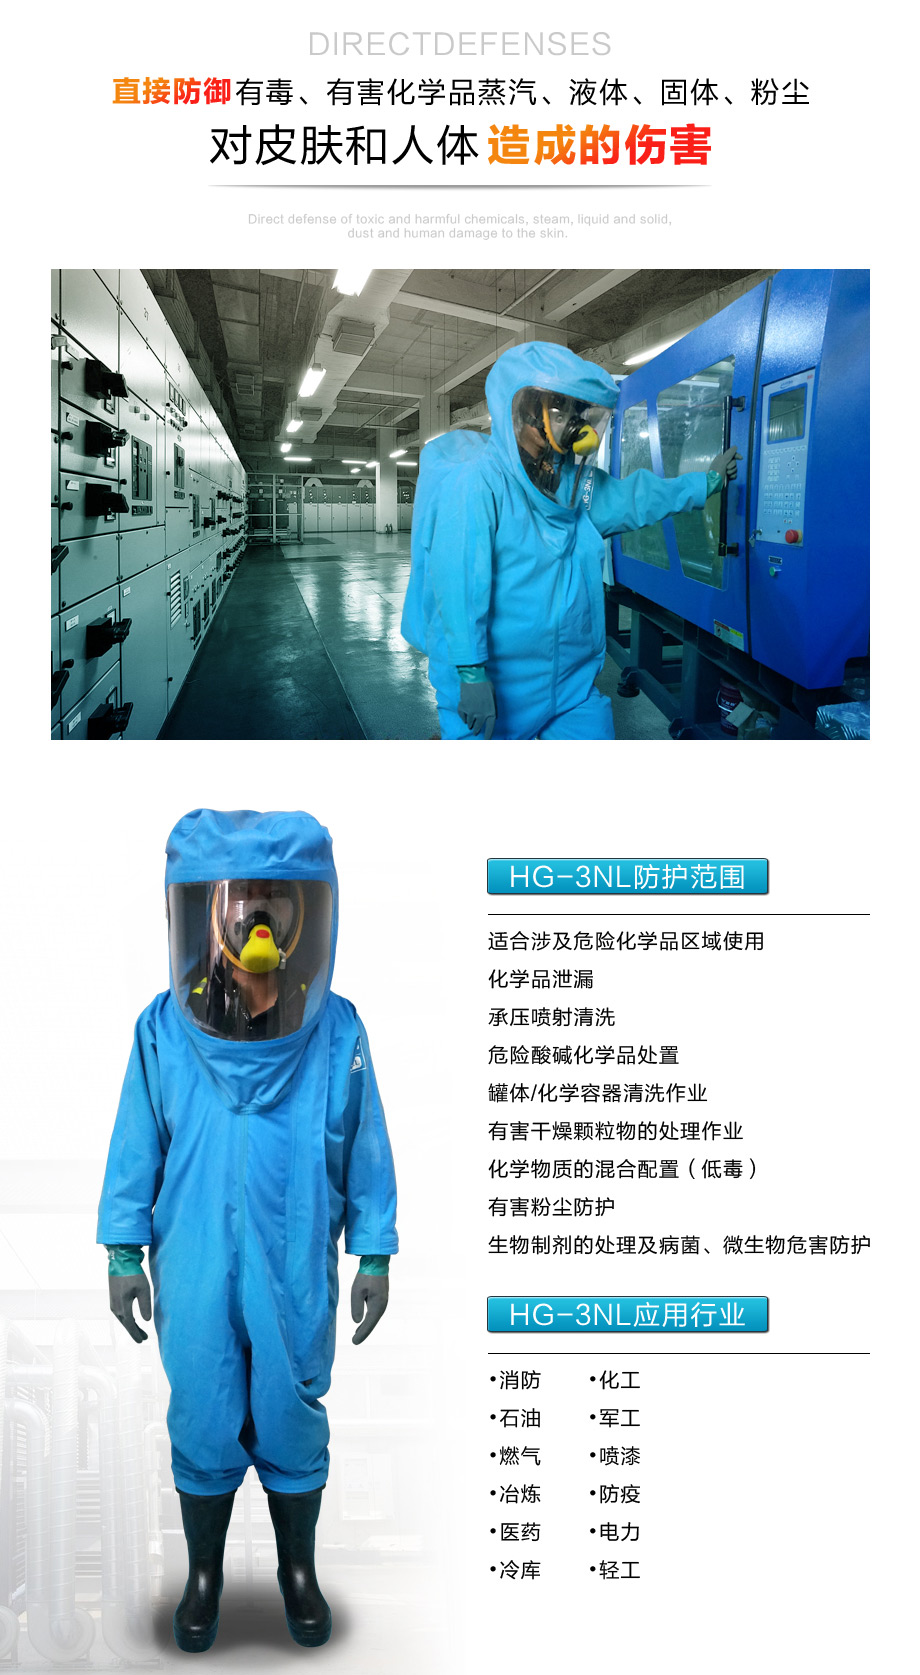 海固3nl重型防化服可适用于化学品处理、冷库作业等多种环境